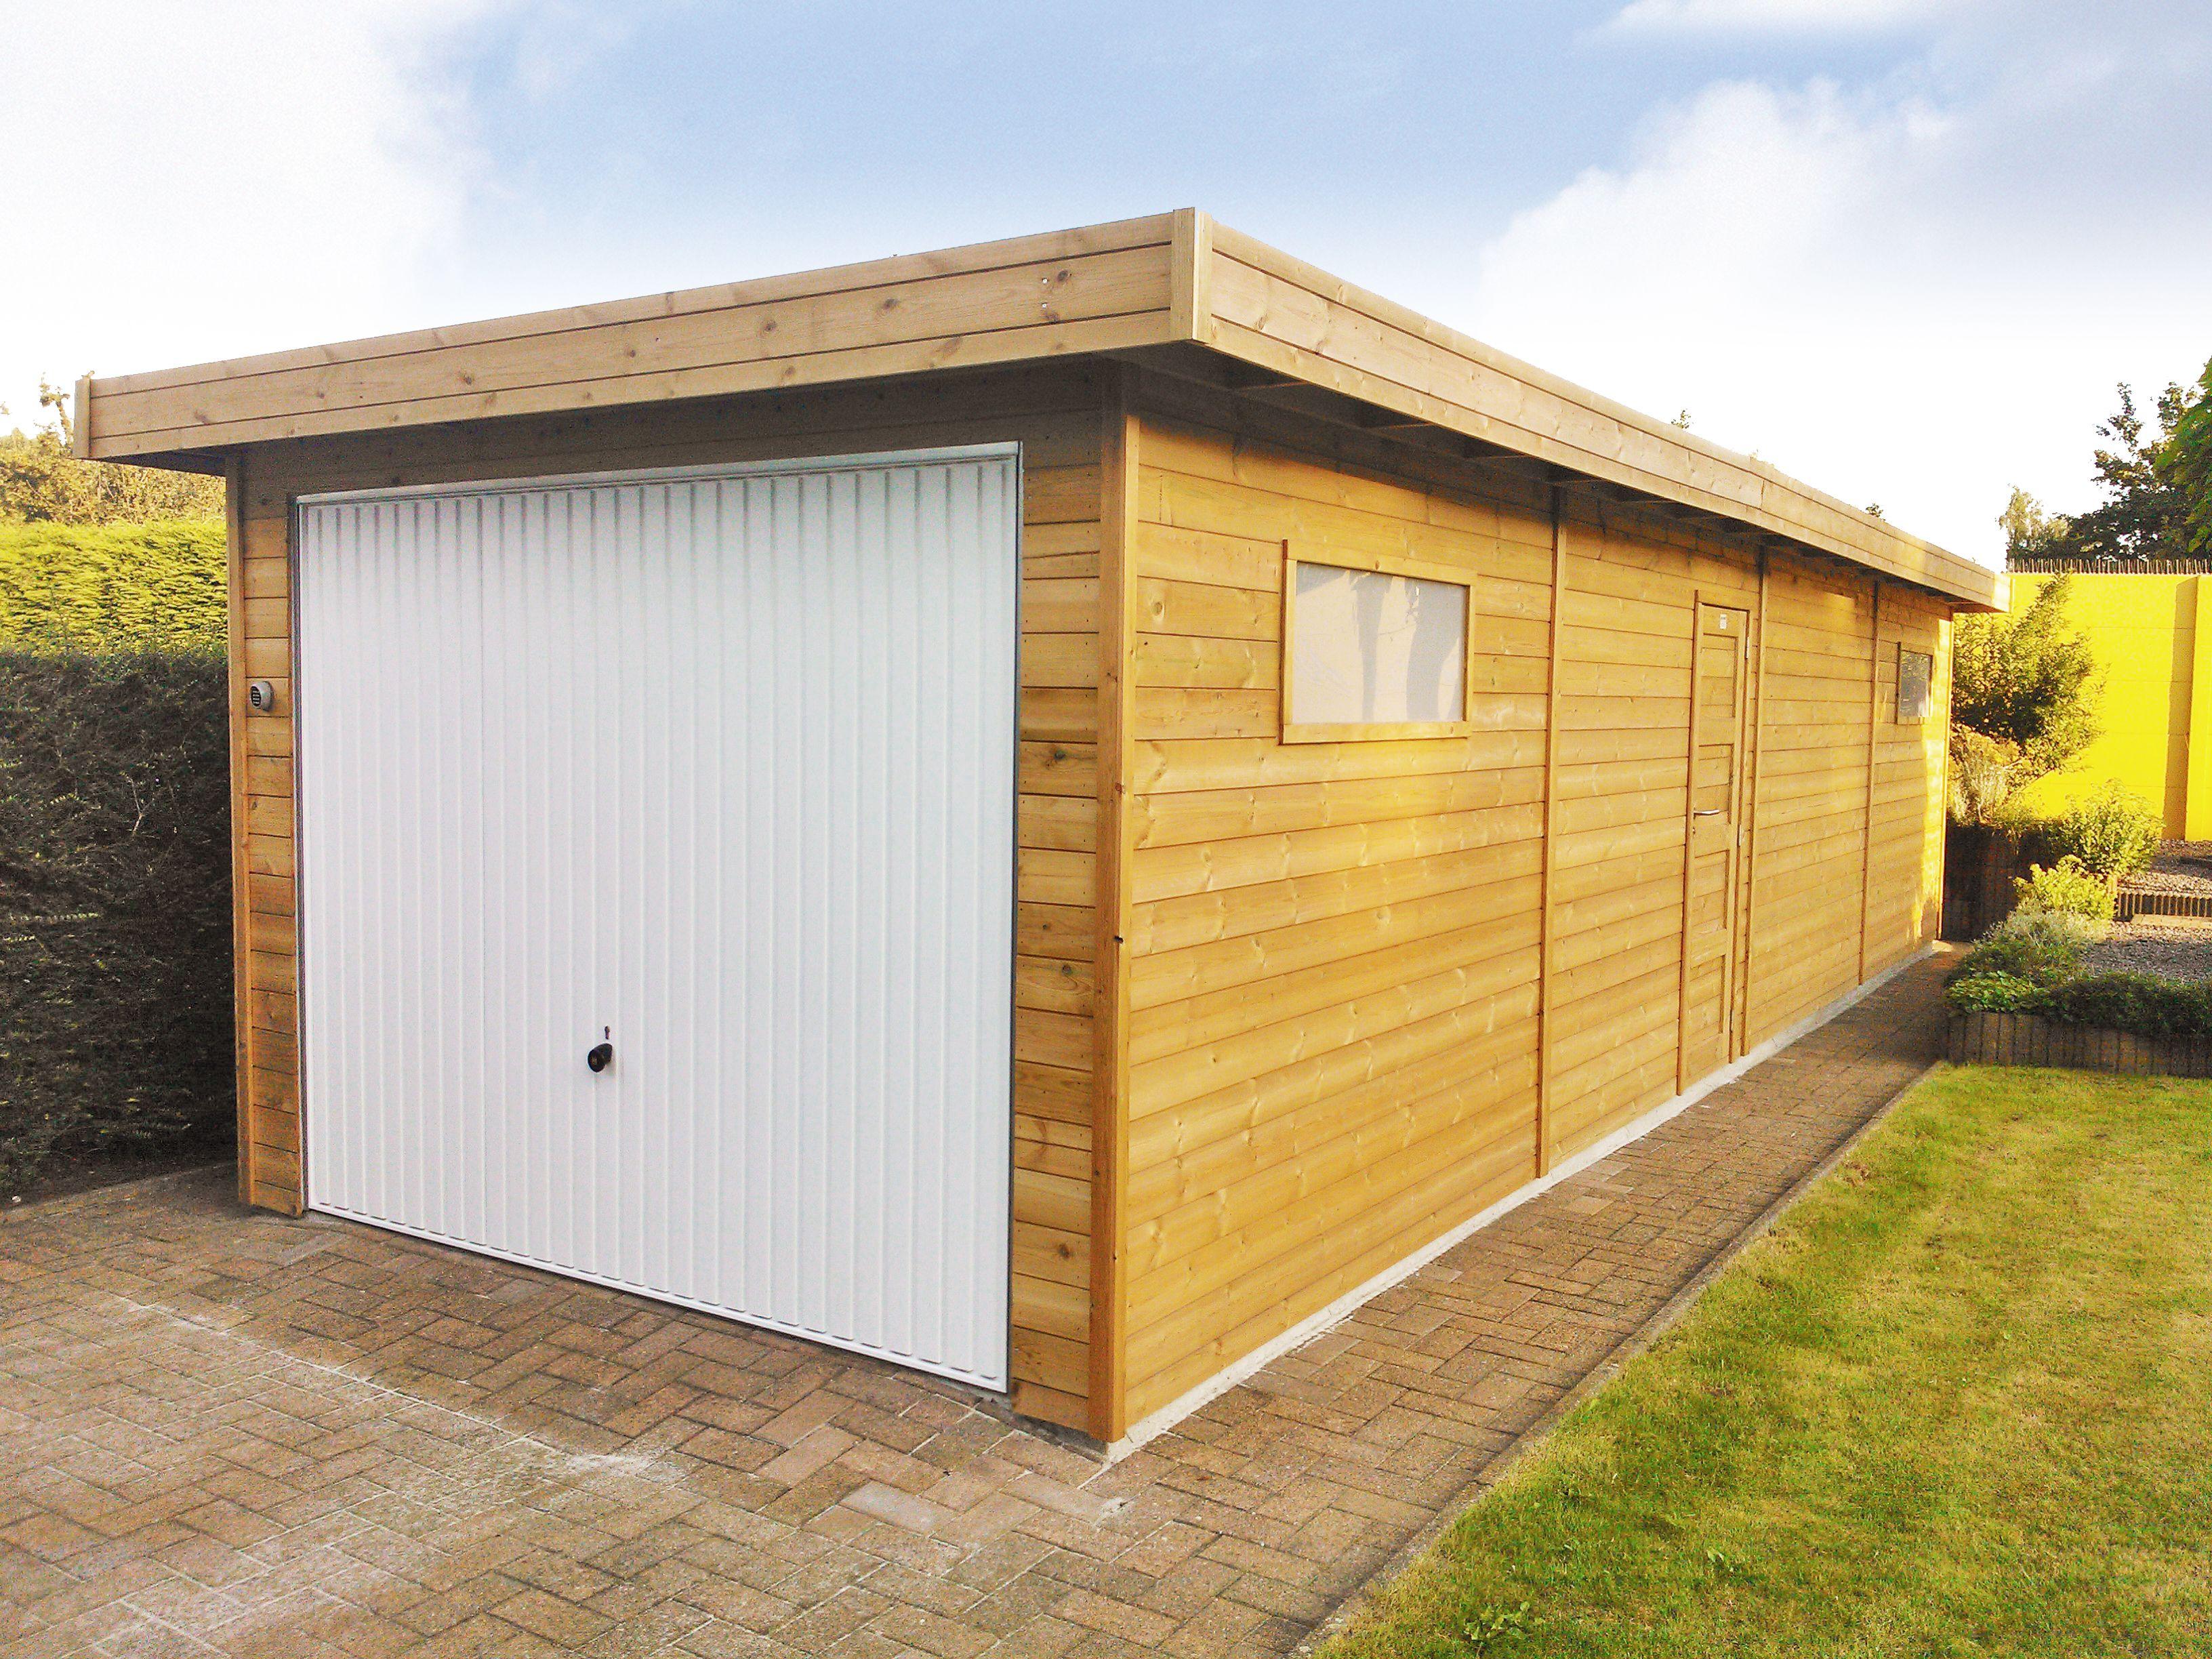 Moderne Houten Garage Tuinhuis Met Kantelpoort Garage Abri